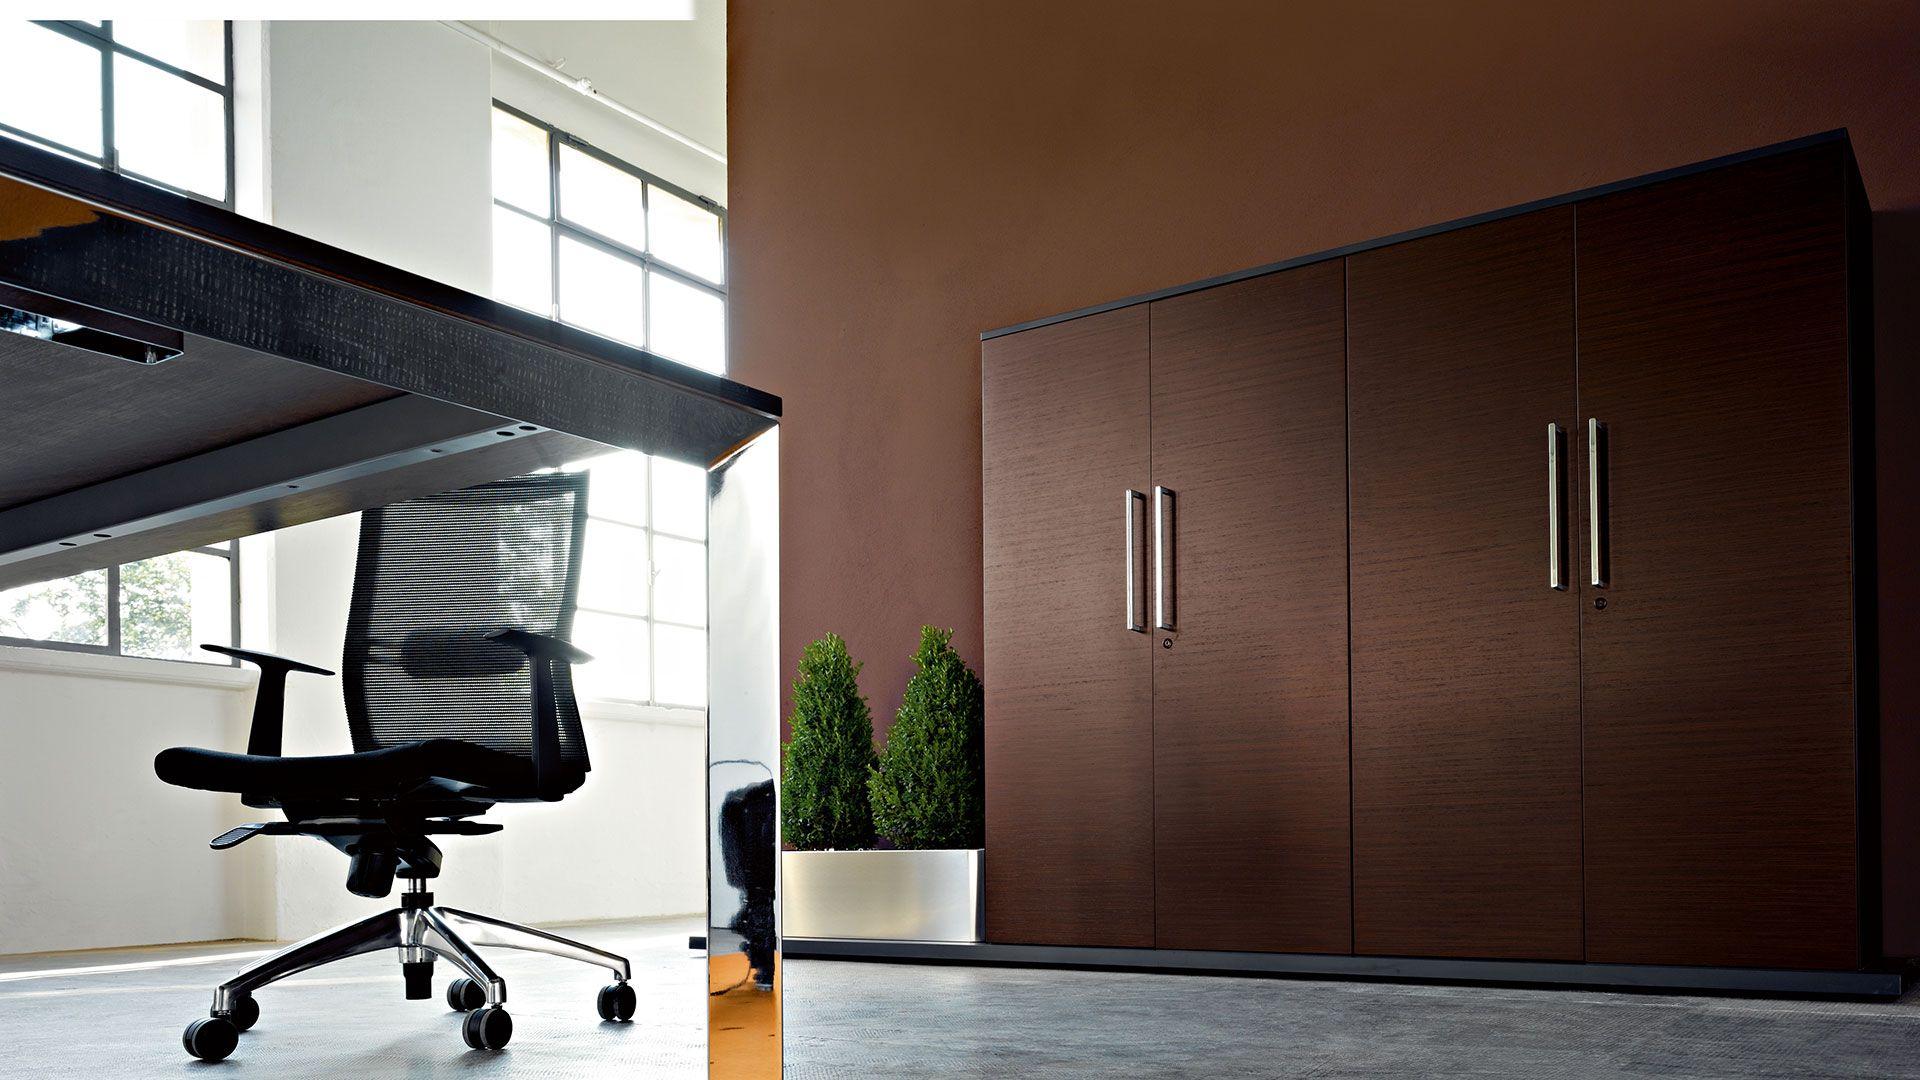 Chefzimmer - Chefbüro - Arbeitszimmer - Schreibtisch CALL ME ...